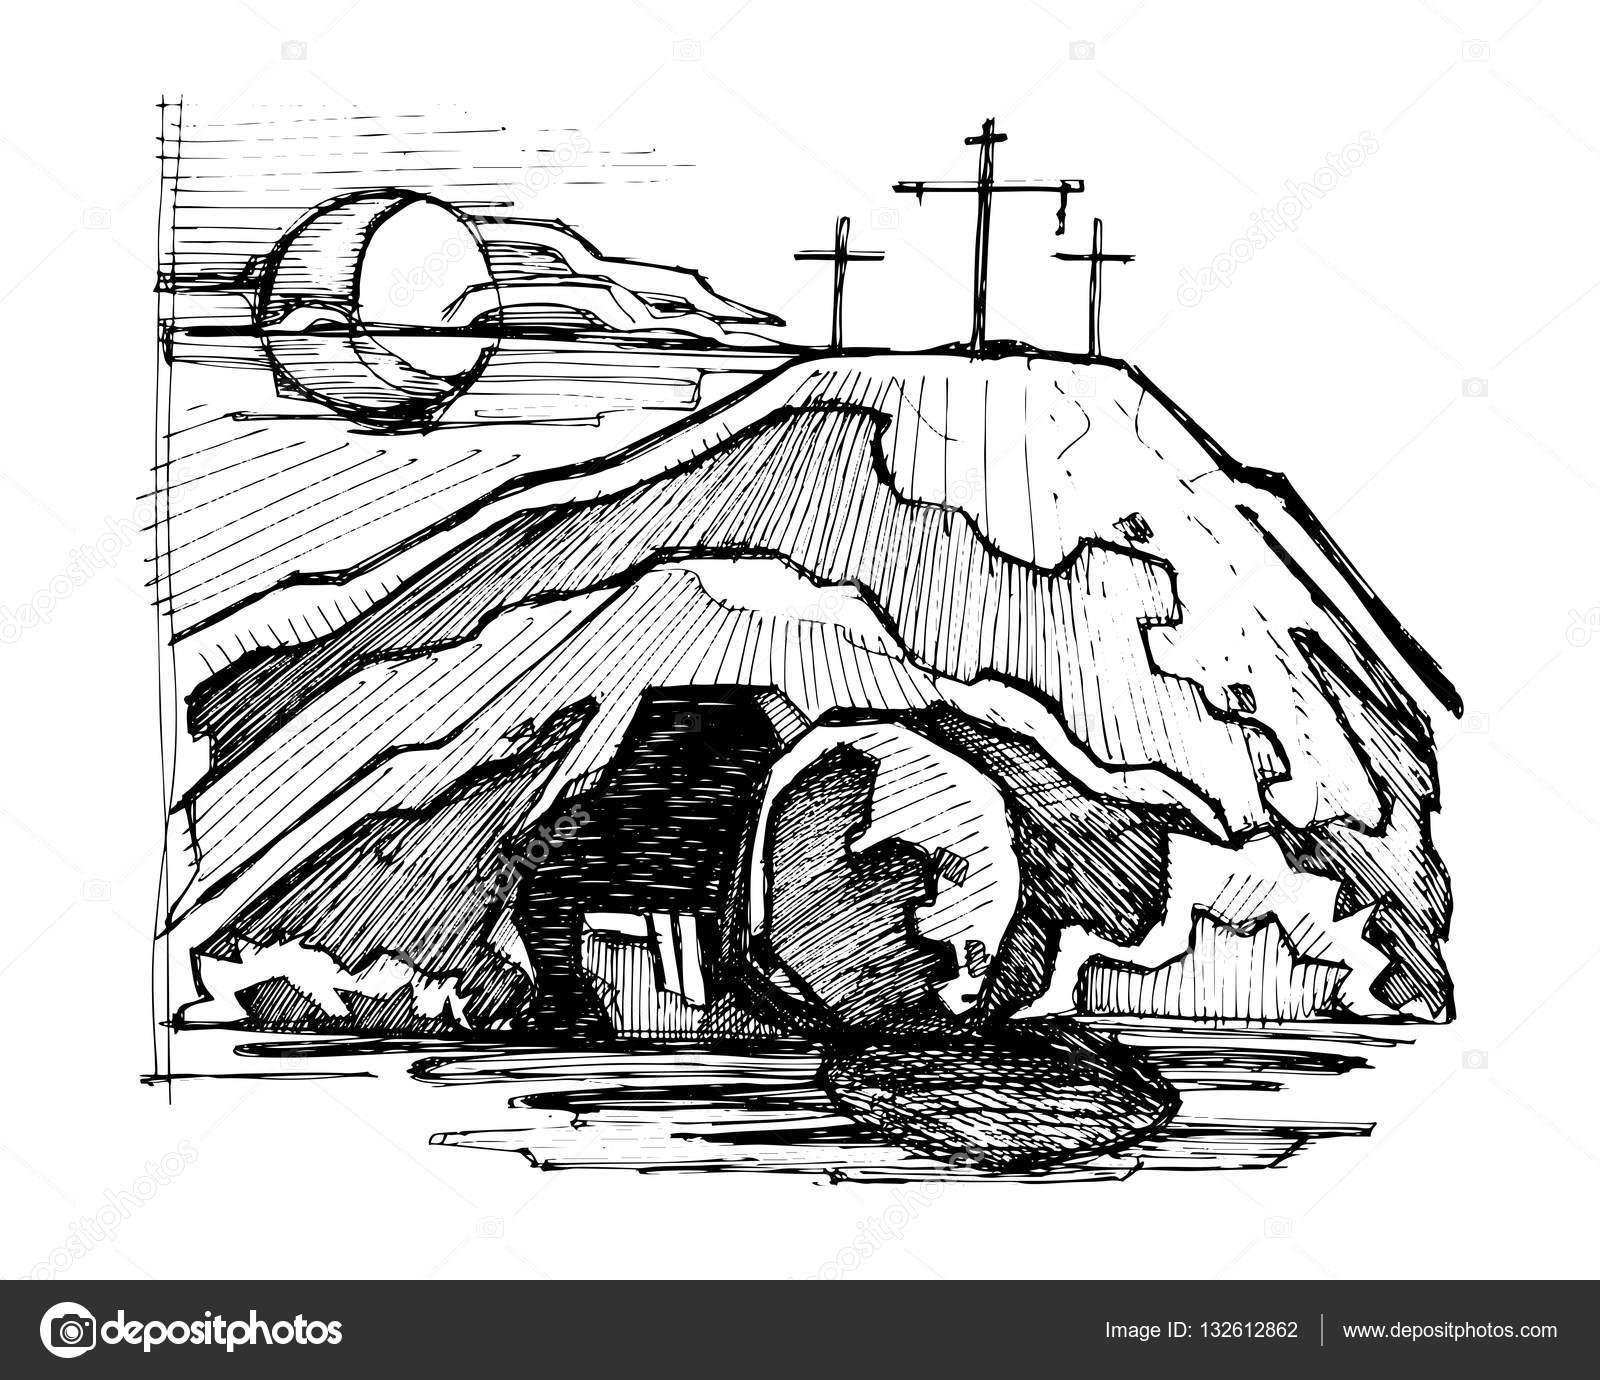 Imágenes La Tumba Vacia De Jesus Para Colorear Tumba Vacía De